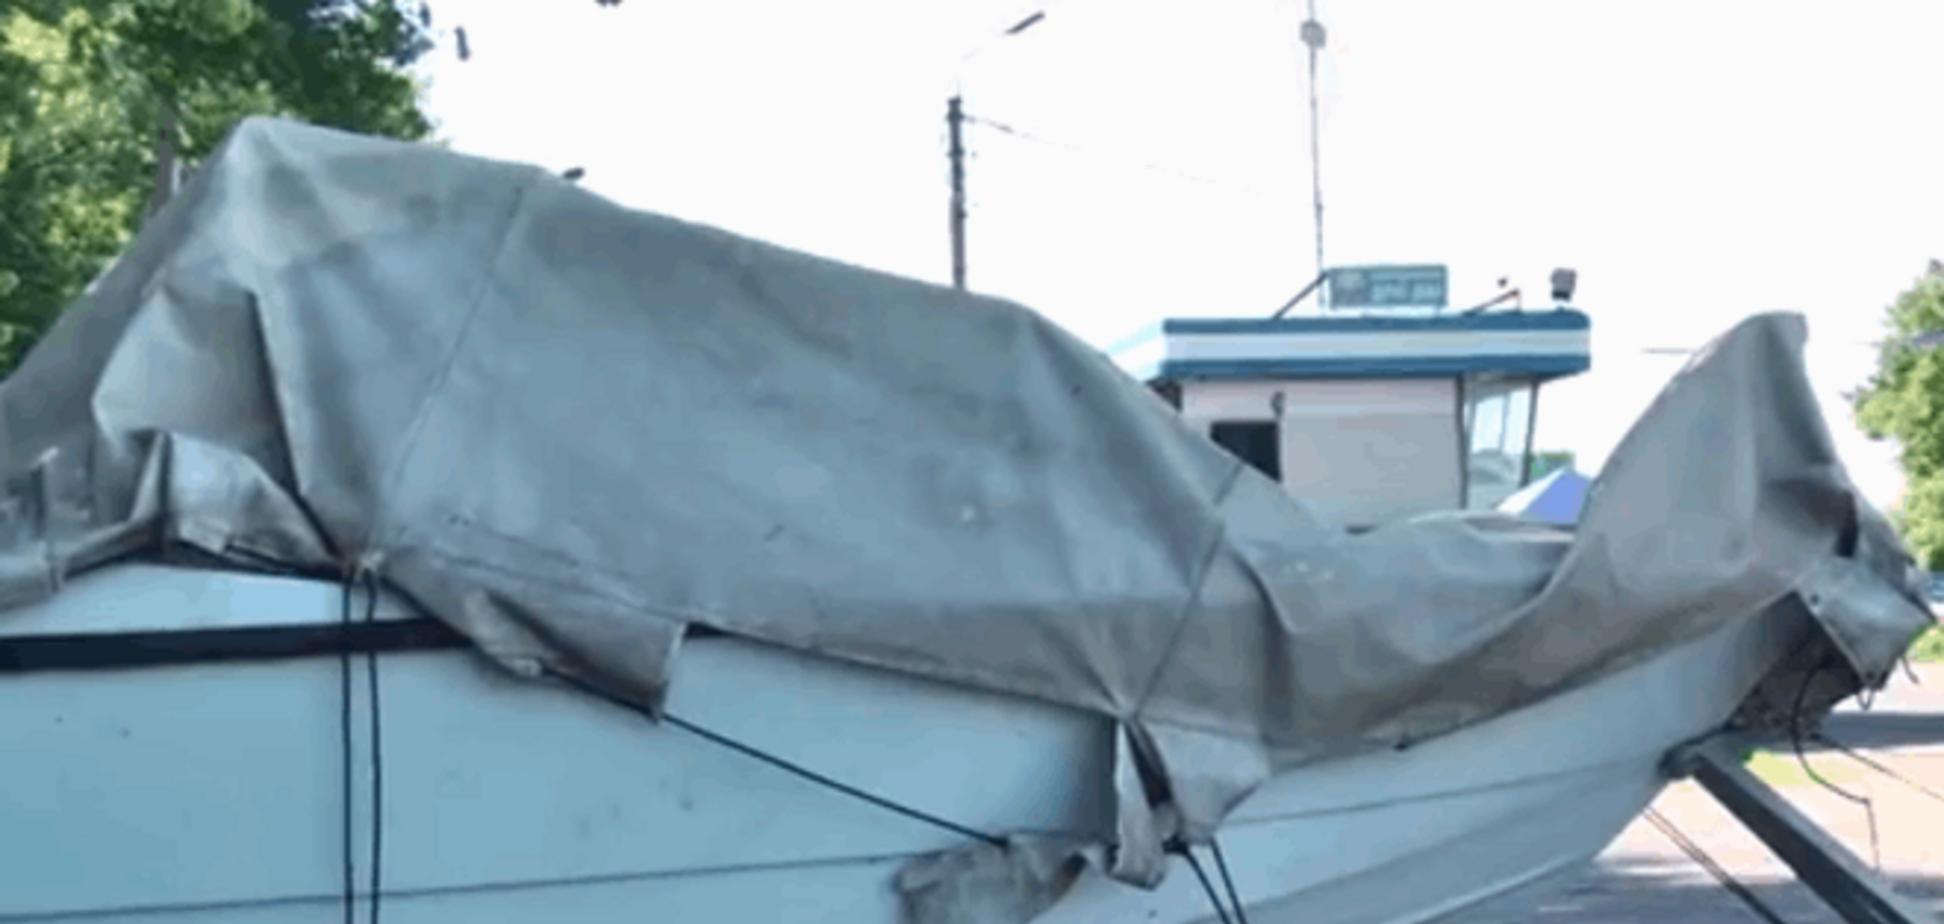 Очередной скандал с 'Айдаром': в Харьков не пустили 'отжатый' у террористов катер